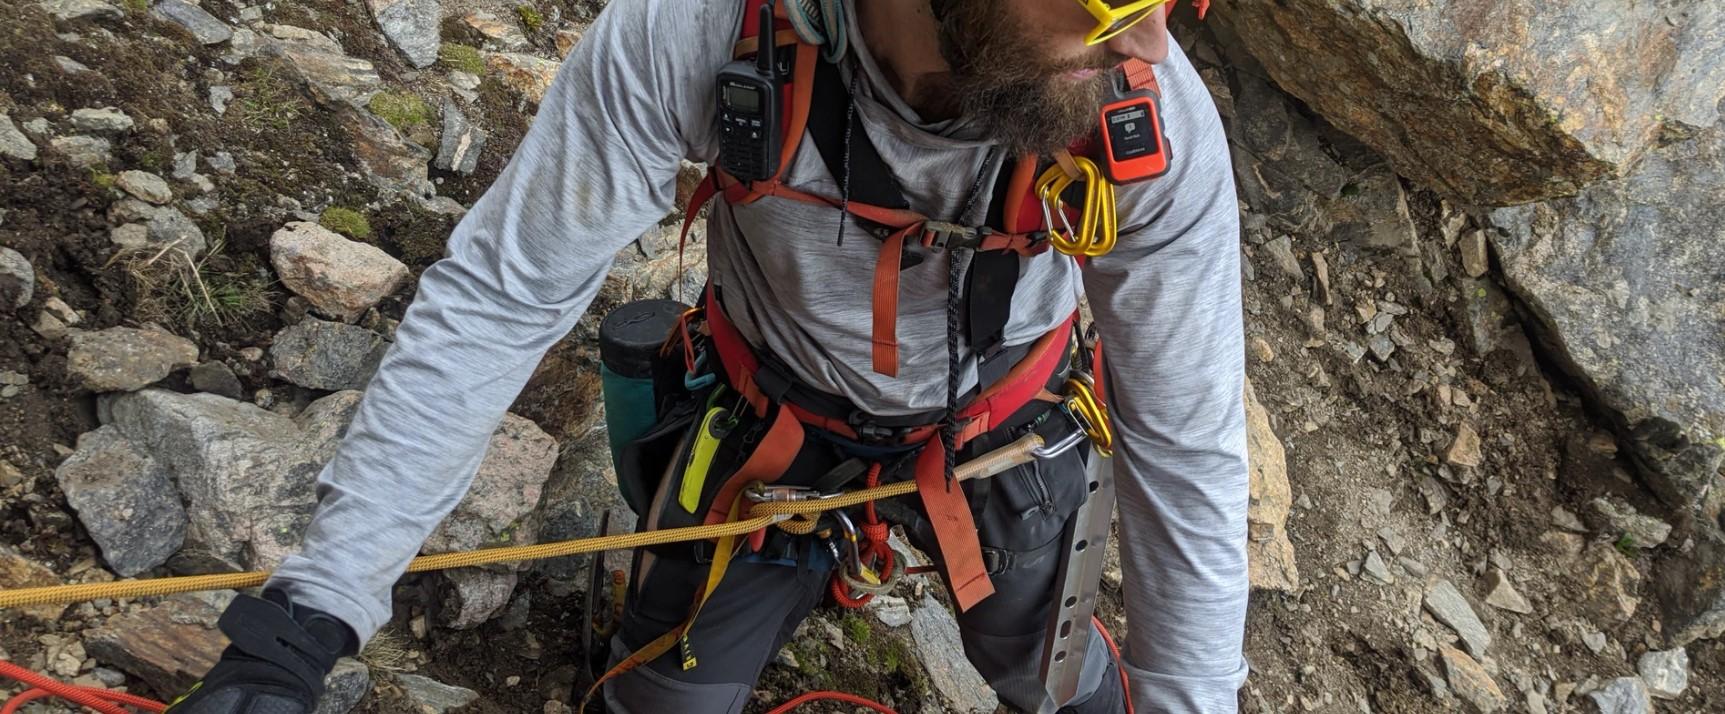 Prace budowlane na wysokości -jak wygląda system ochrony przed upadkiem z wysokości?